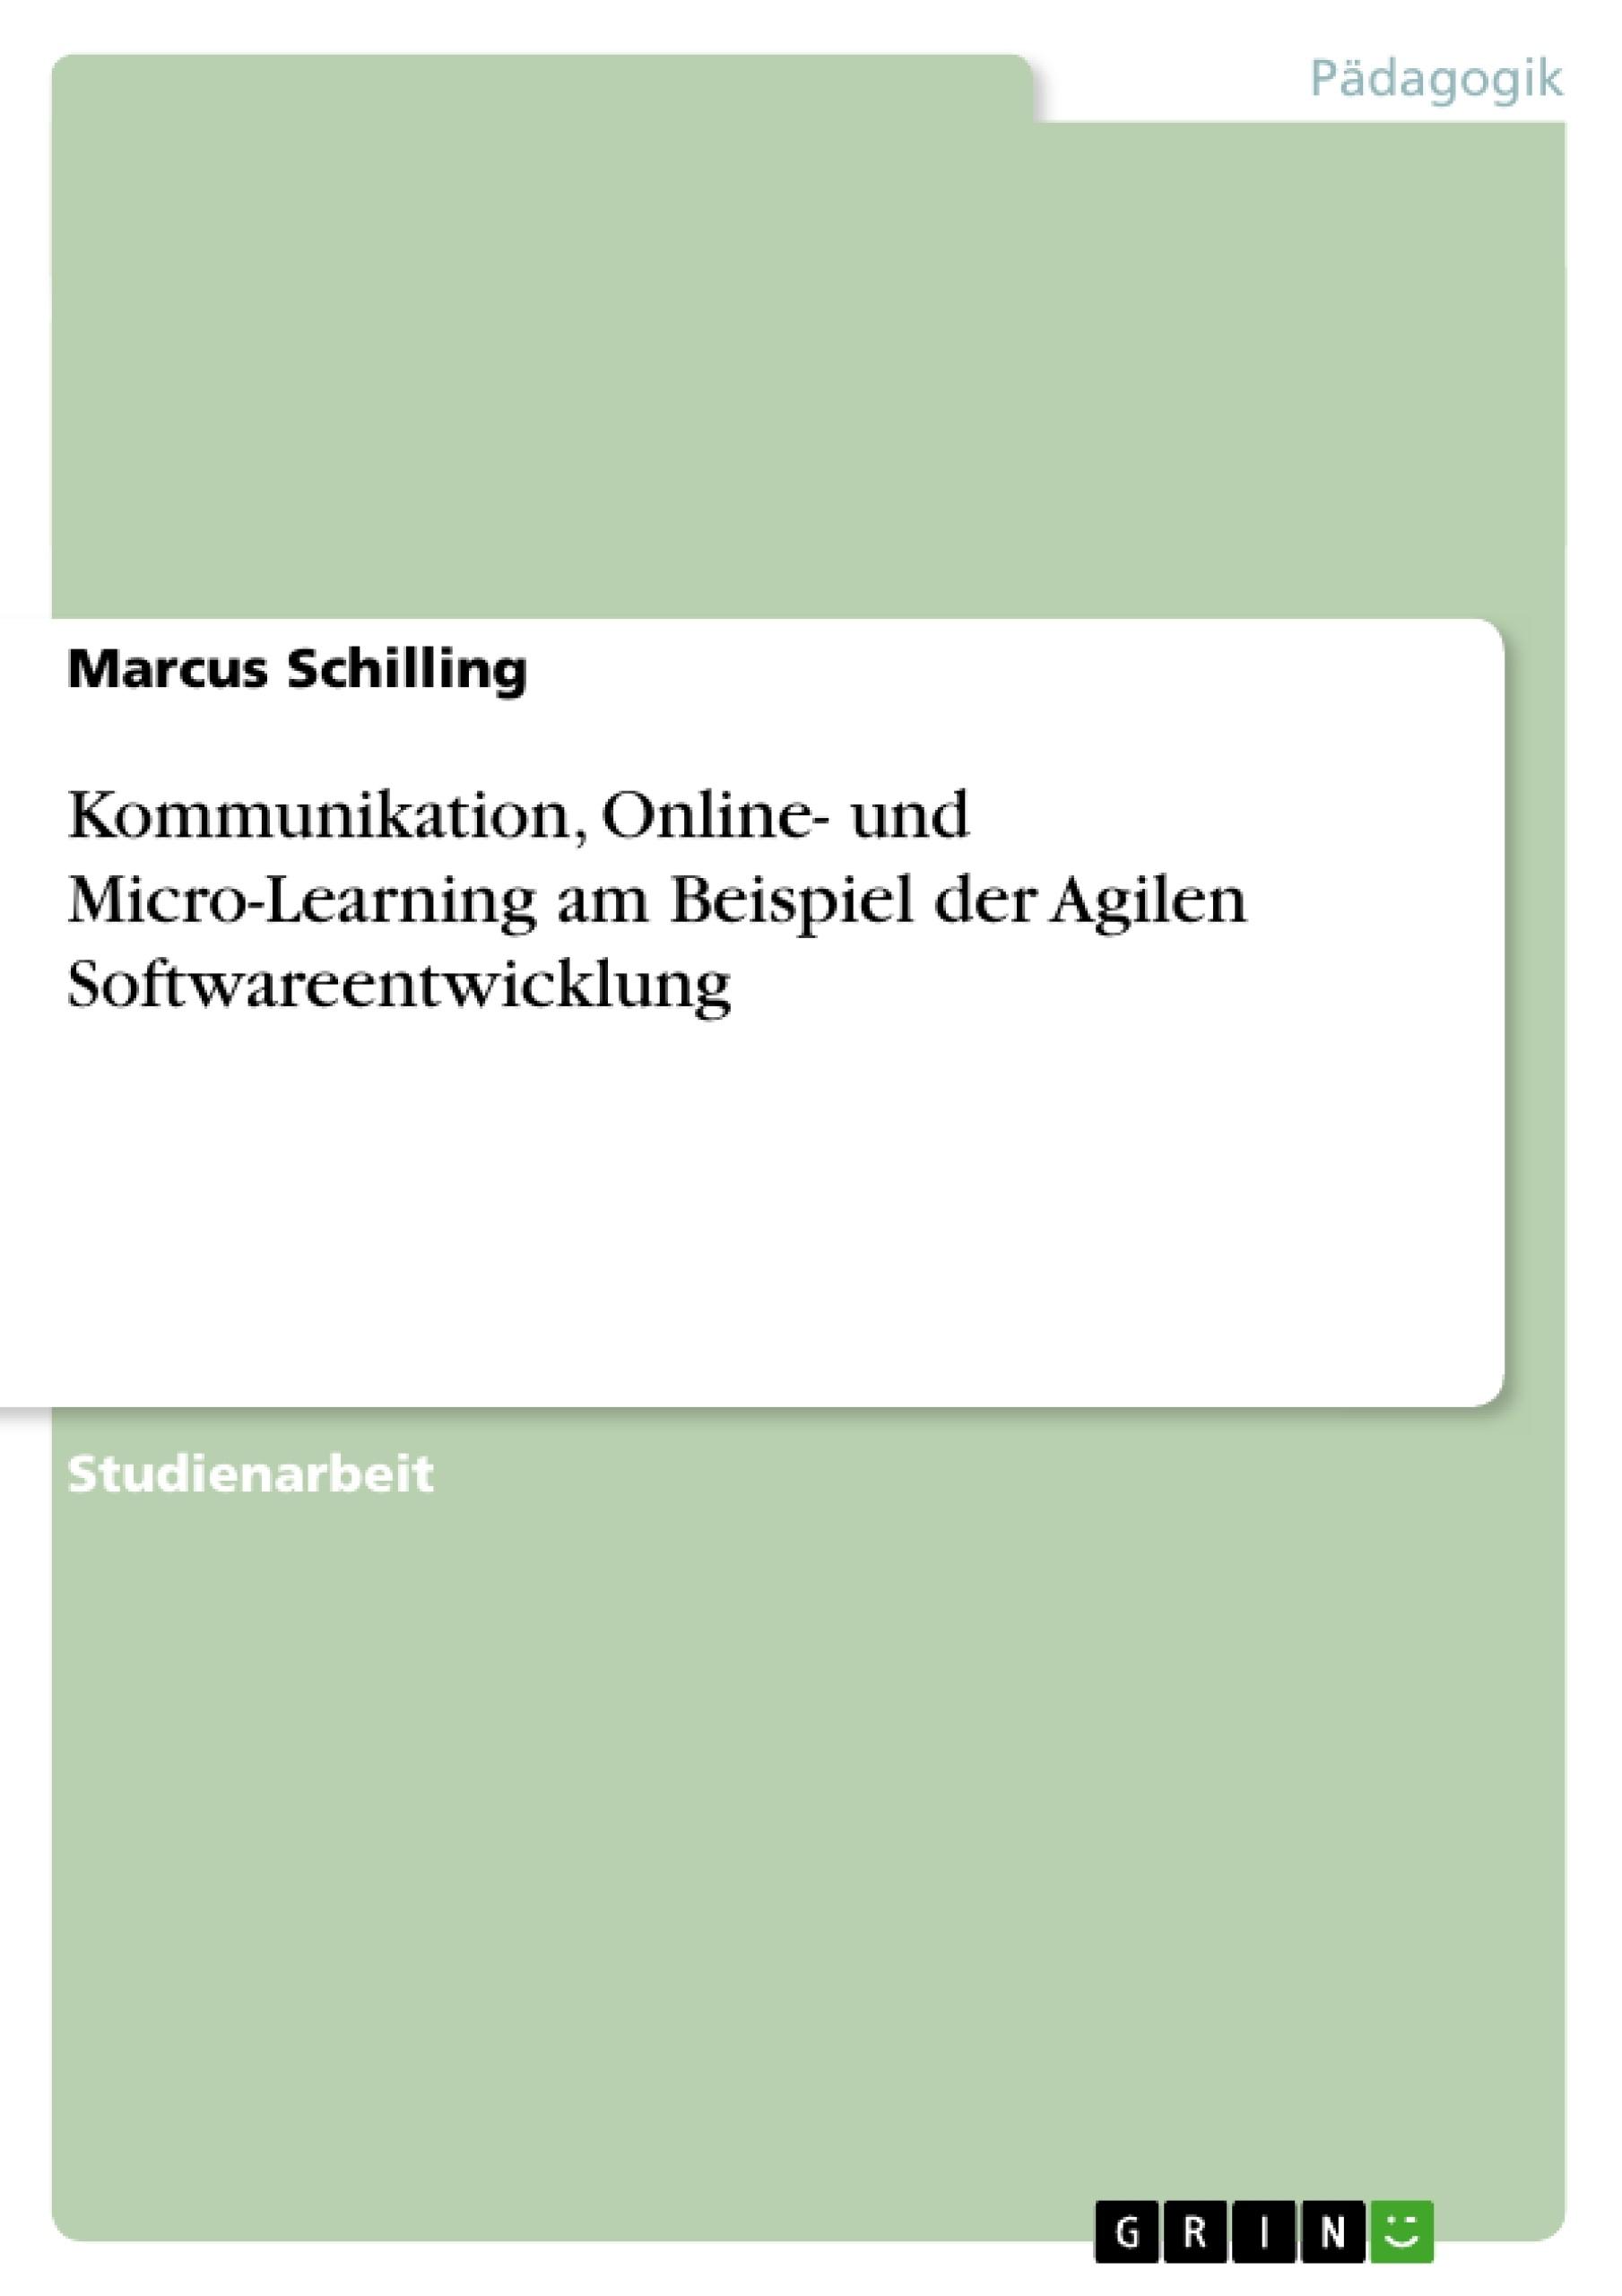 Titel: Kommunikation, Online- und Micro-Learning am Beispiel der Agilen Softwareentwicklung